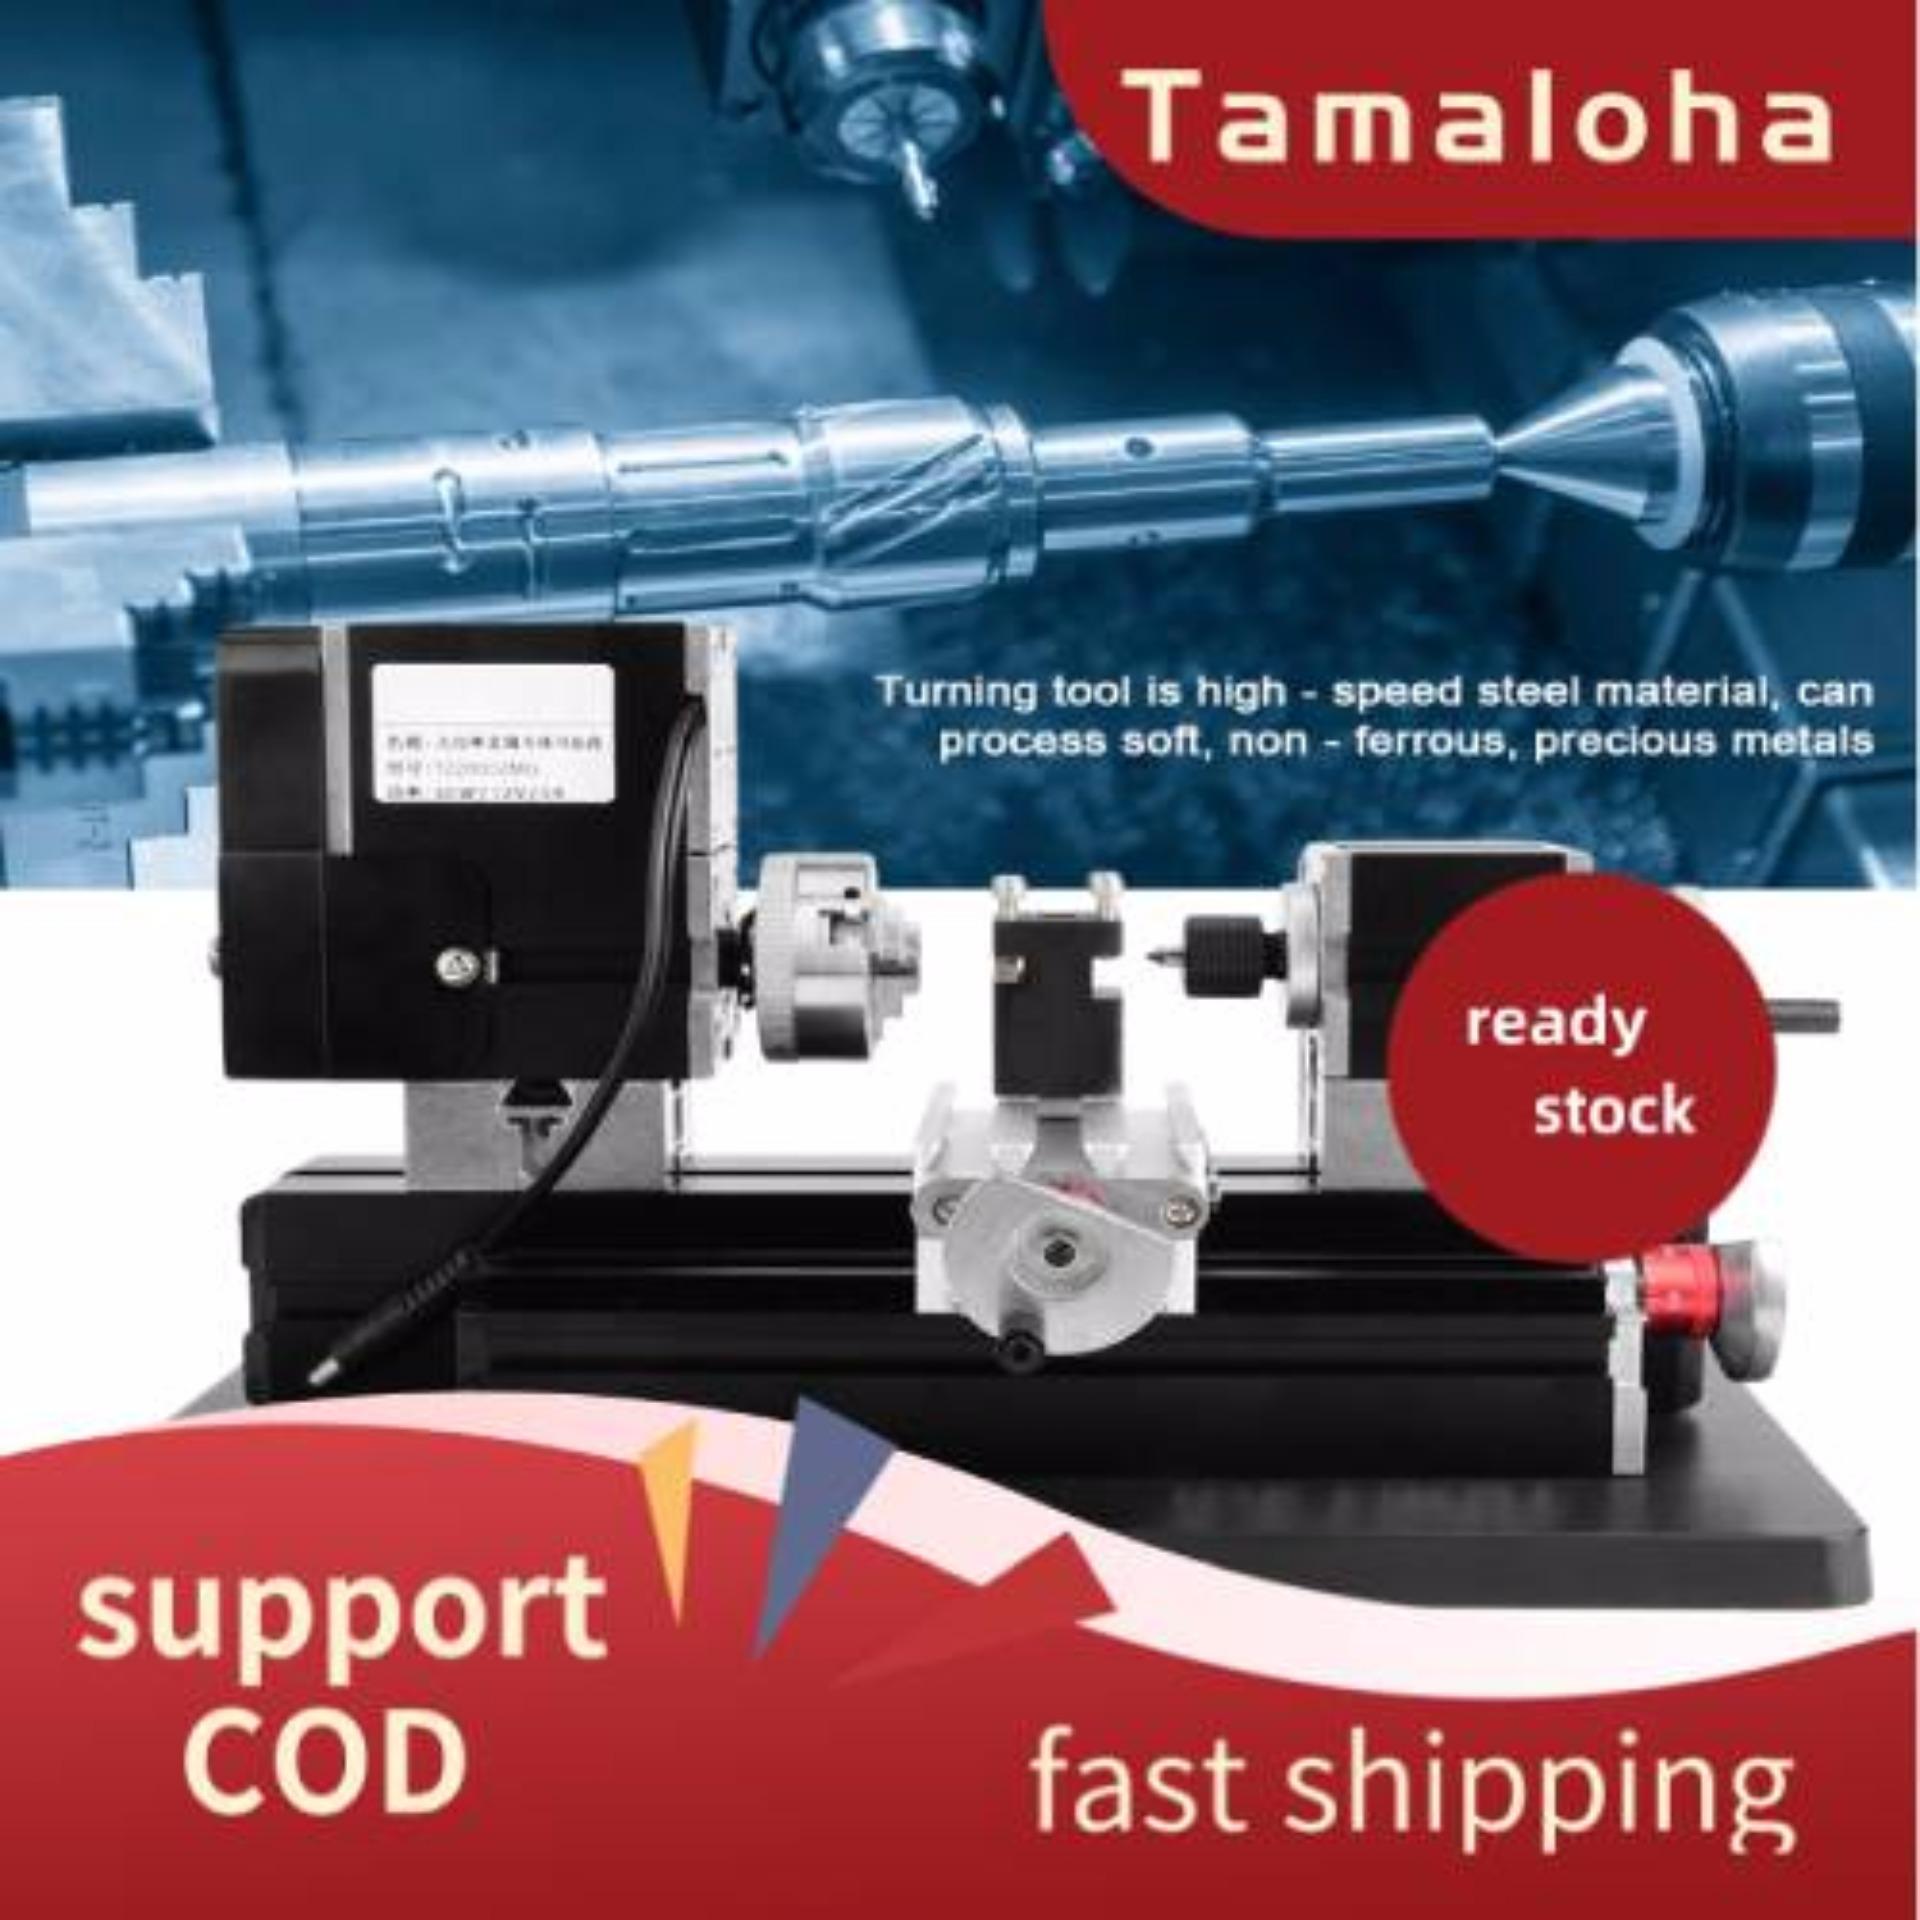 8 in 1 Mini Lathe Z8000M 24W 20000rpm Metal Lathe Machine DIY Lathe Kit 110-240V US Power Cord